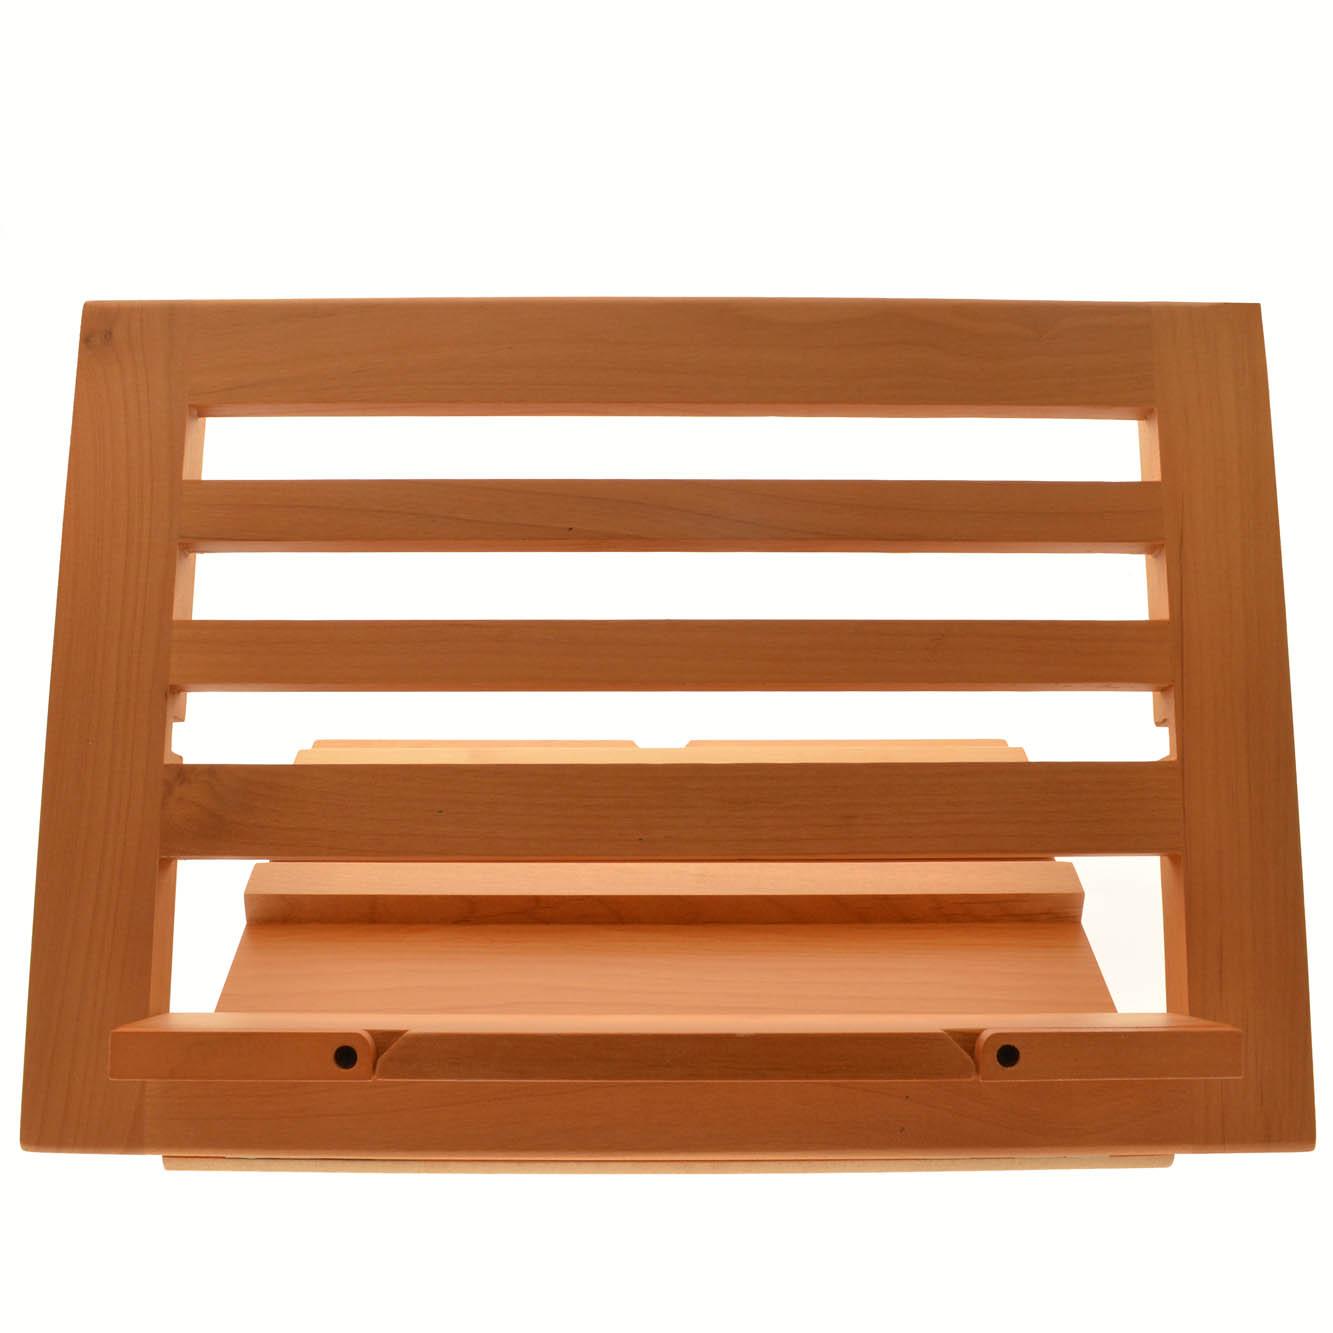 Leggio in legno da tavolo 24 x 34 in legno leggii - Costruire un leggio da tavolo ...